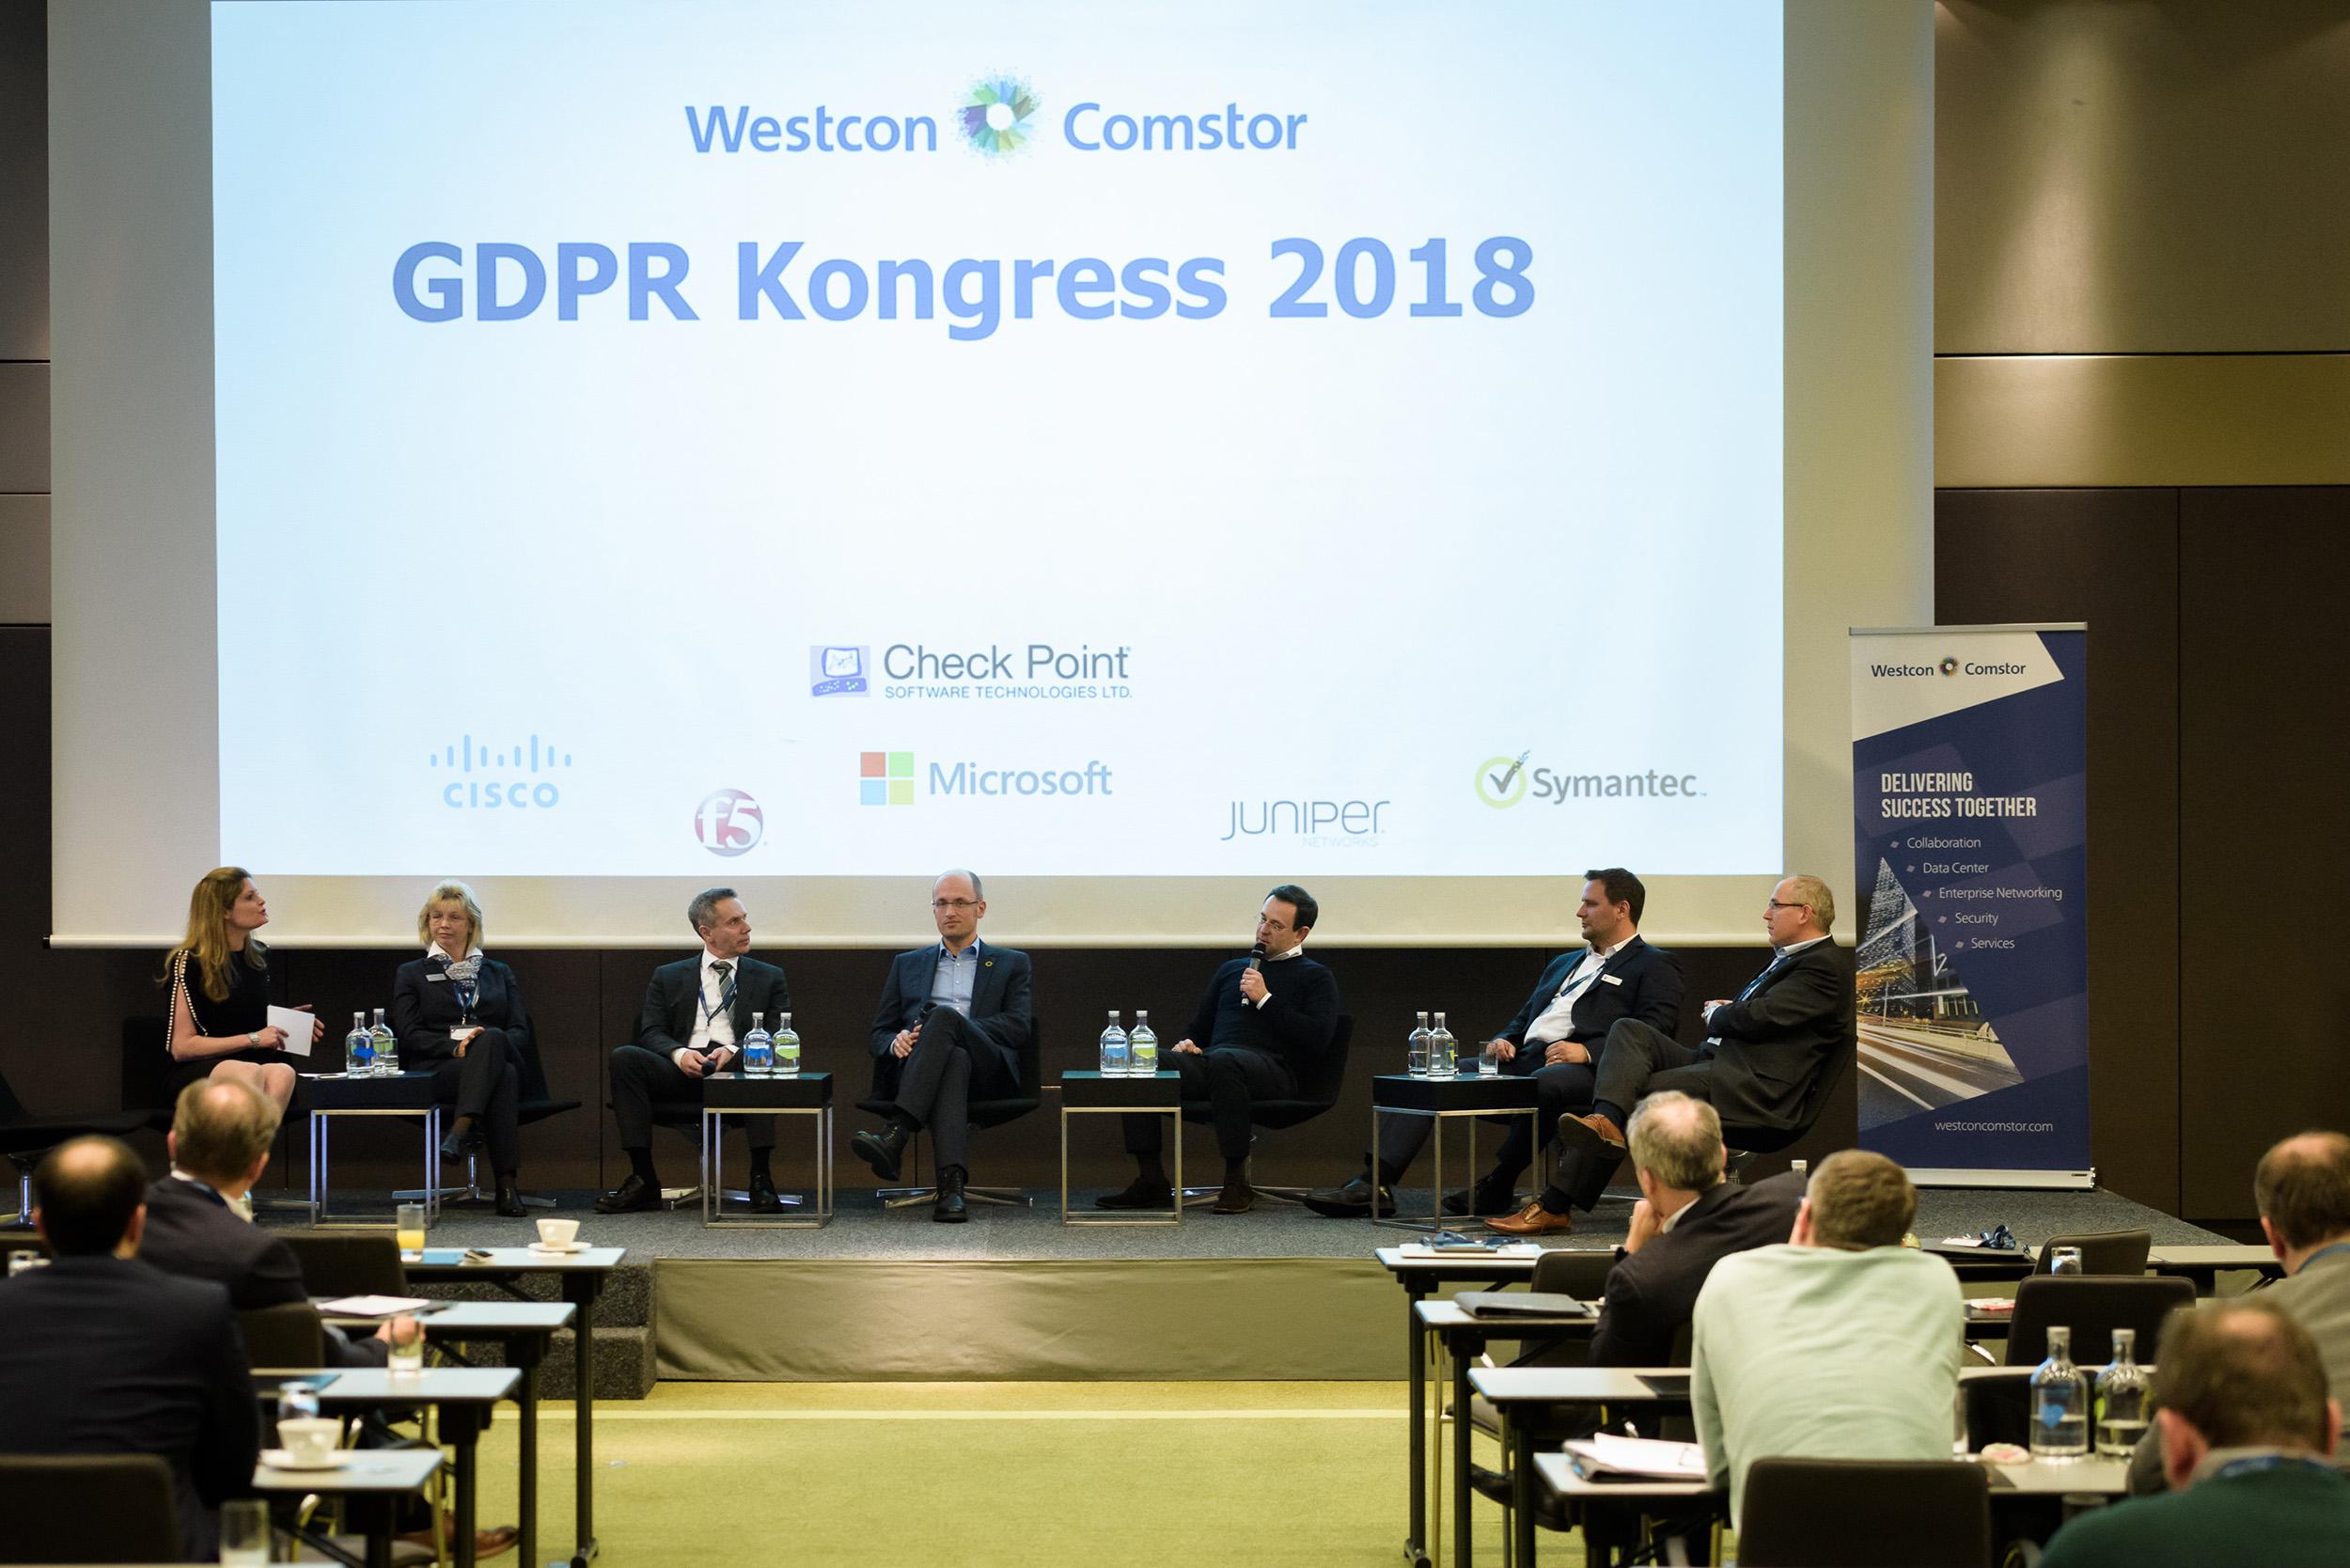 Über 100 Besucher beim Westcon-Comstor GDPR Kongress